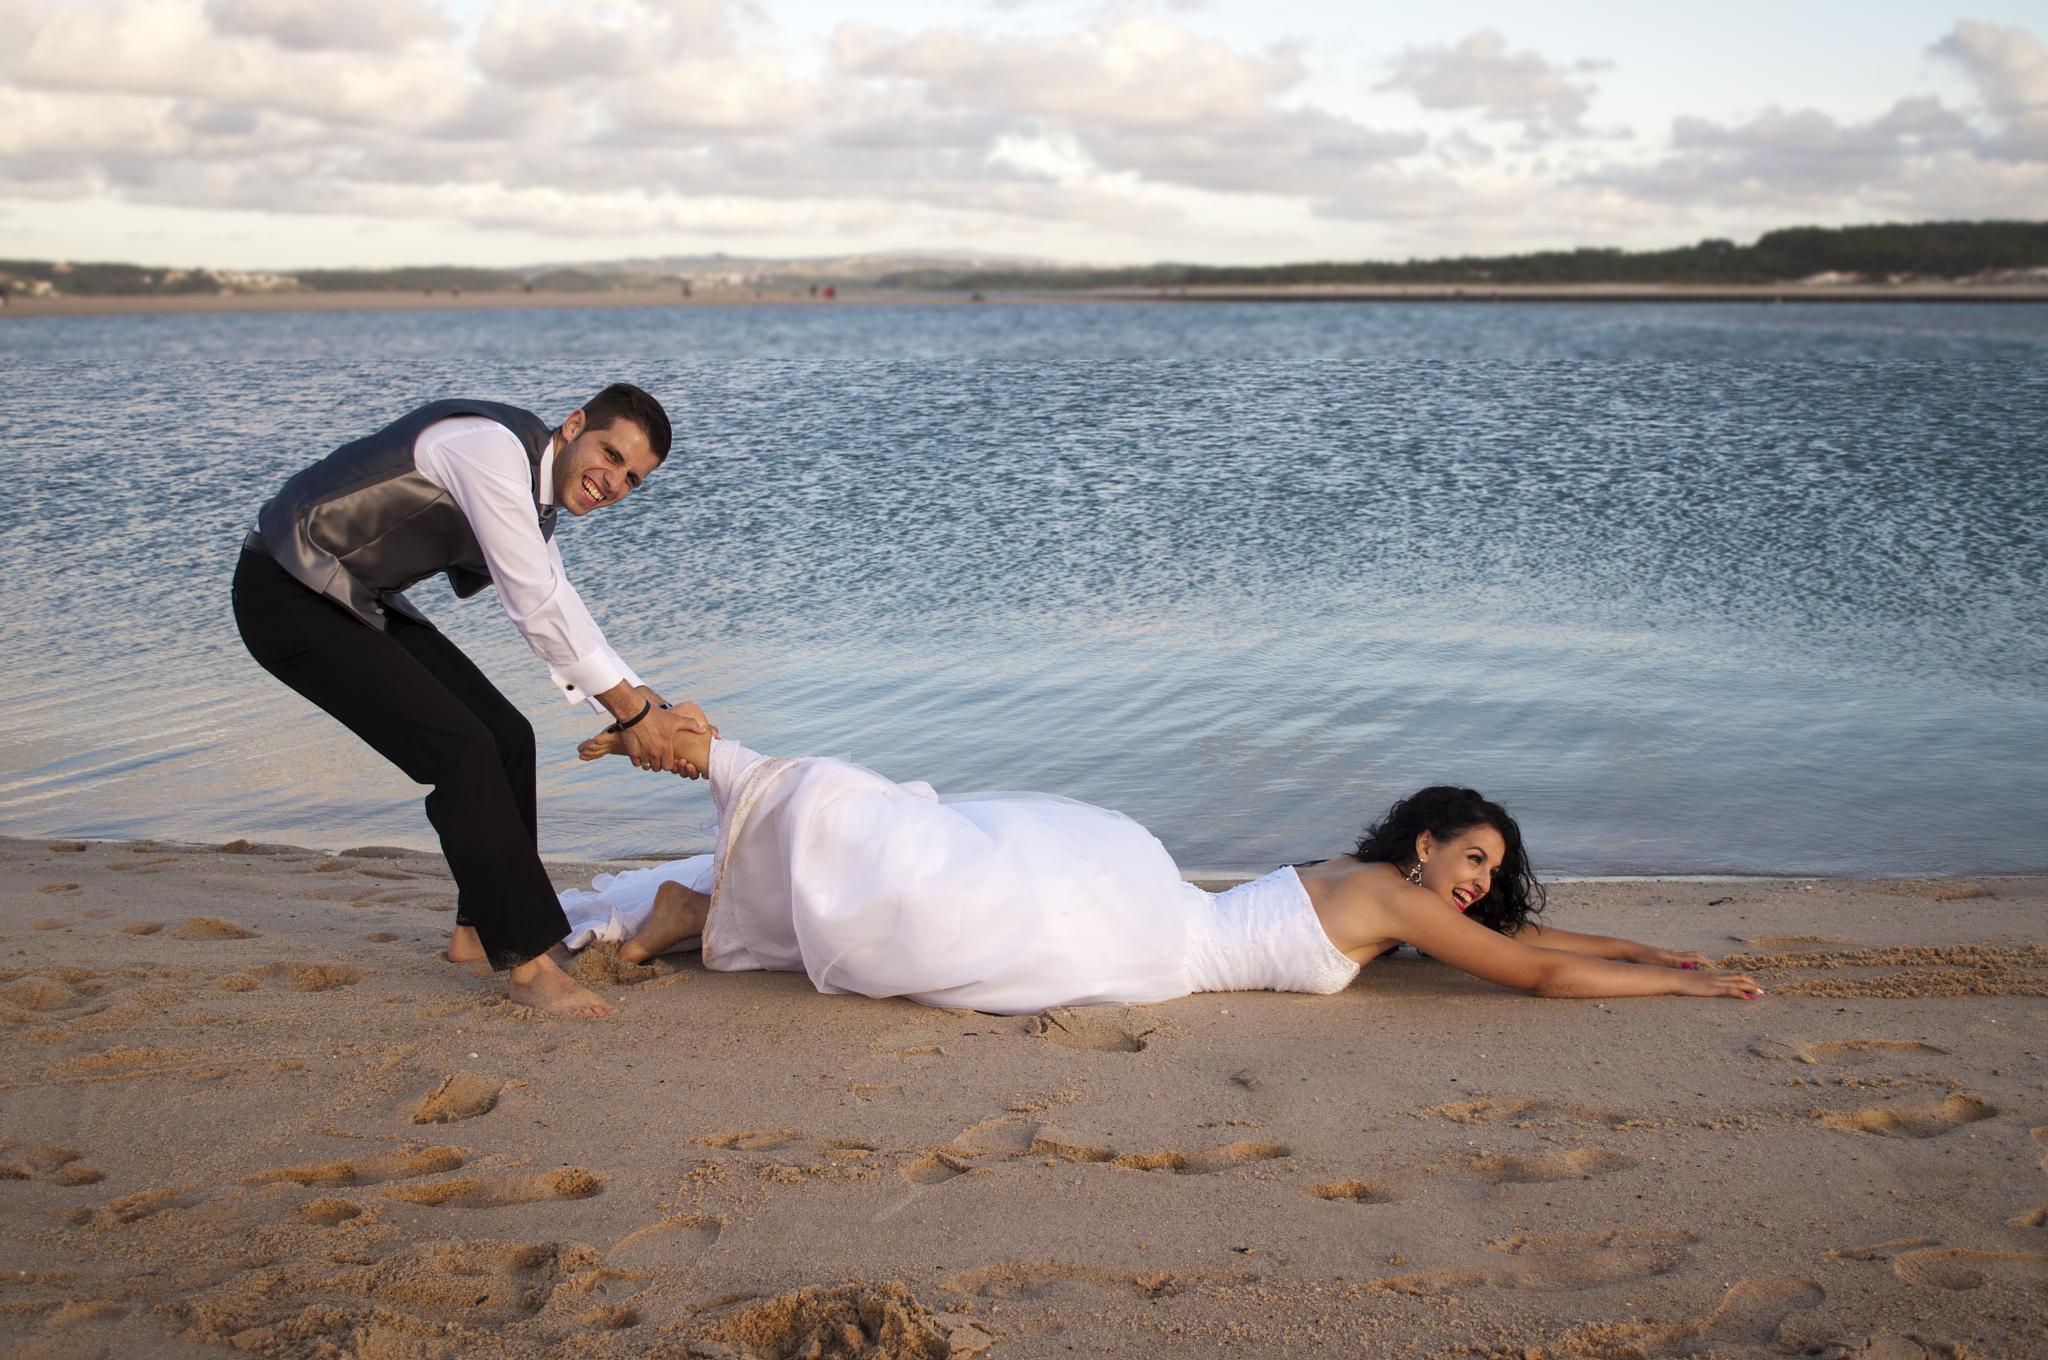 怎样从八字中看何时结婚 从八字中怎么看一个人的婚姻